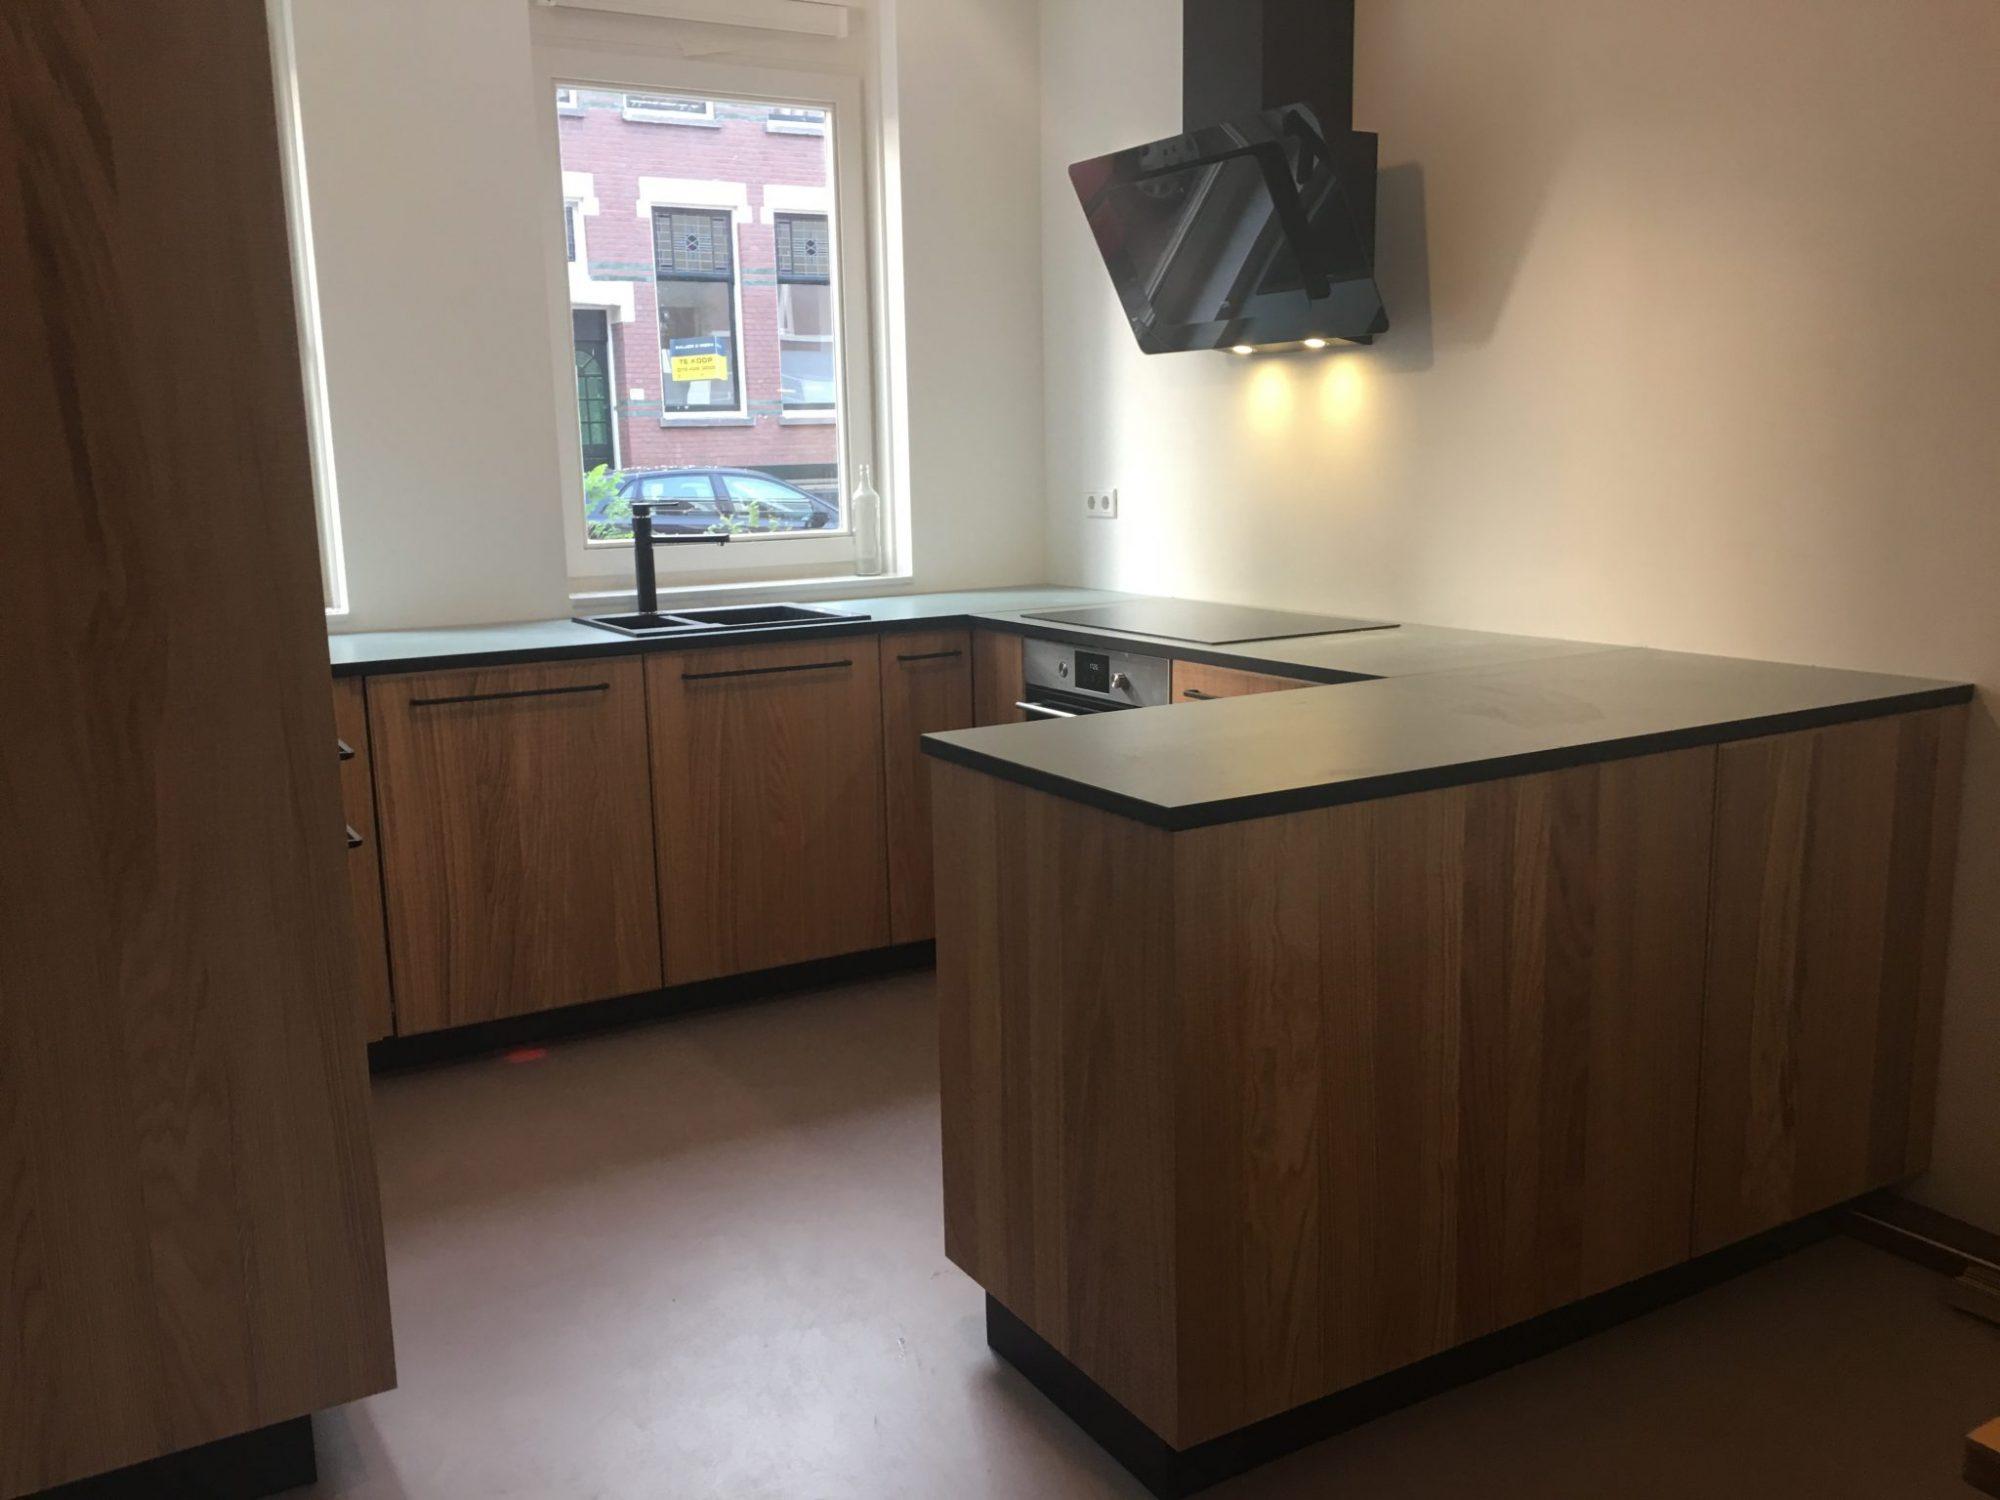 IKEA Keukenmontage – Rotterdam Noord